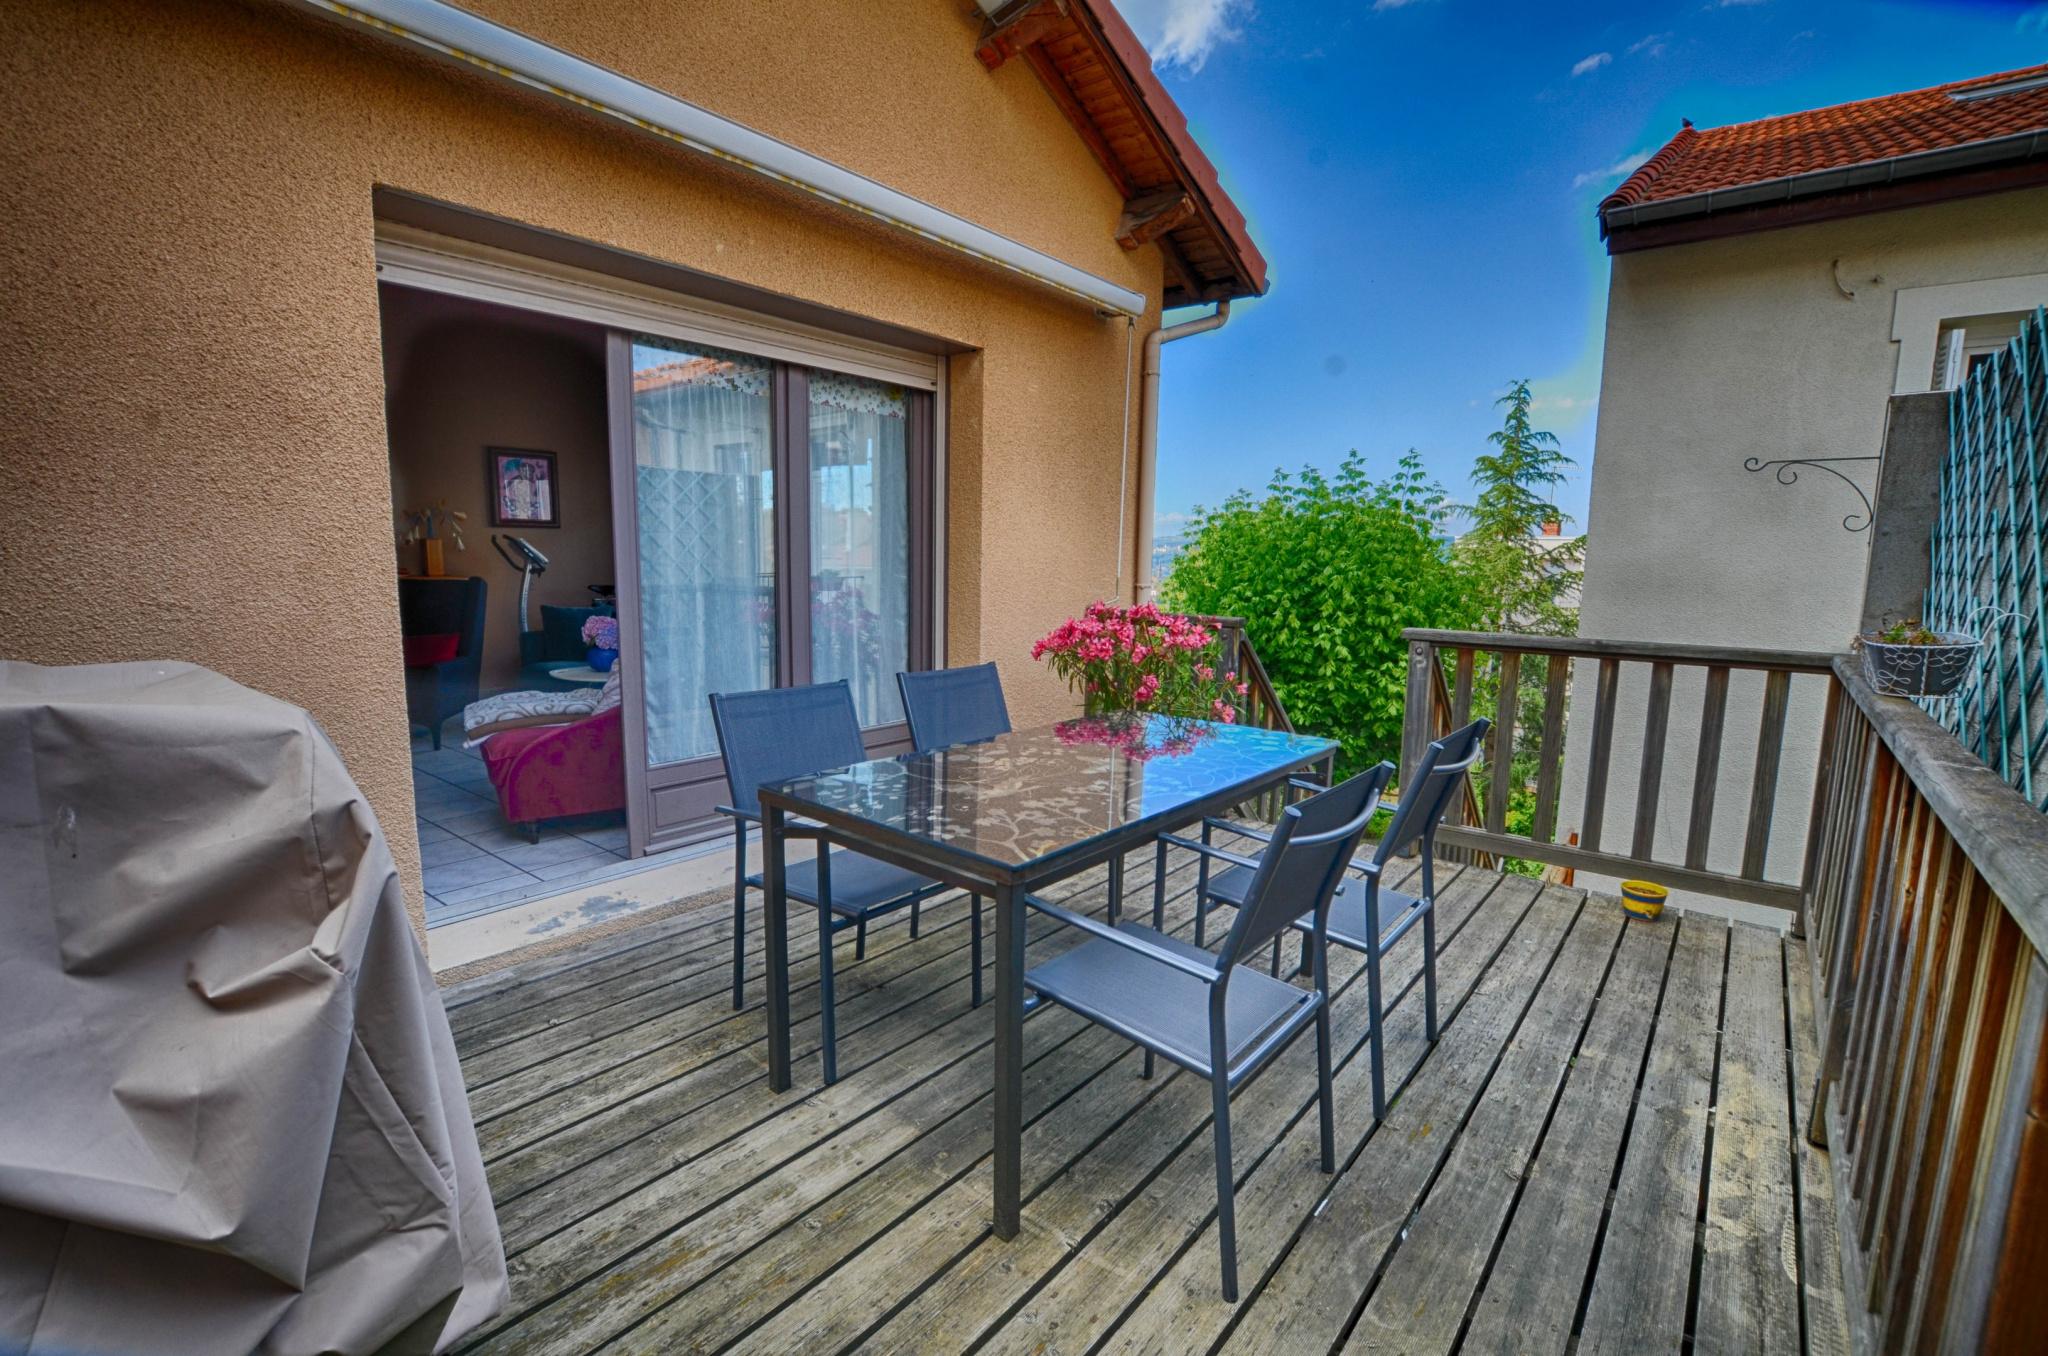 Ventes immo maison atypique en triplex avec terrasses for Terrasse atypique